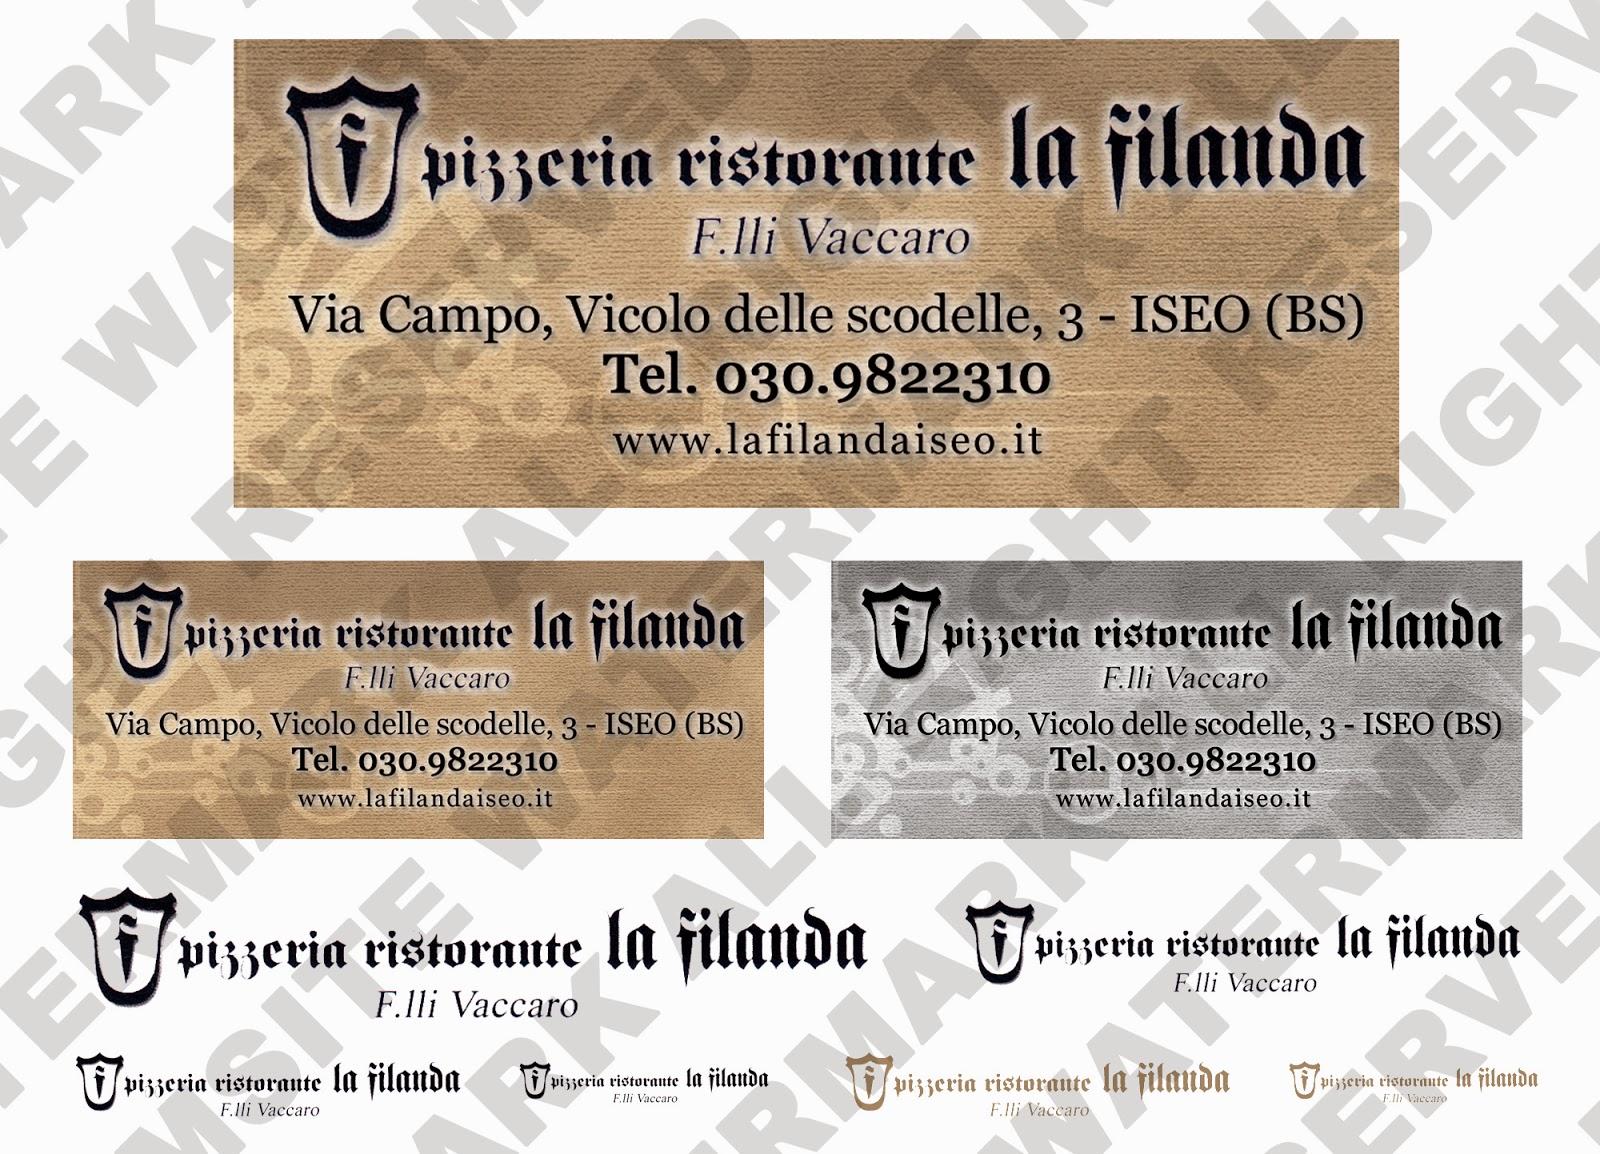 Vicolo delle scodelle, Iseo, Brescia